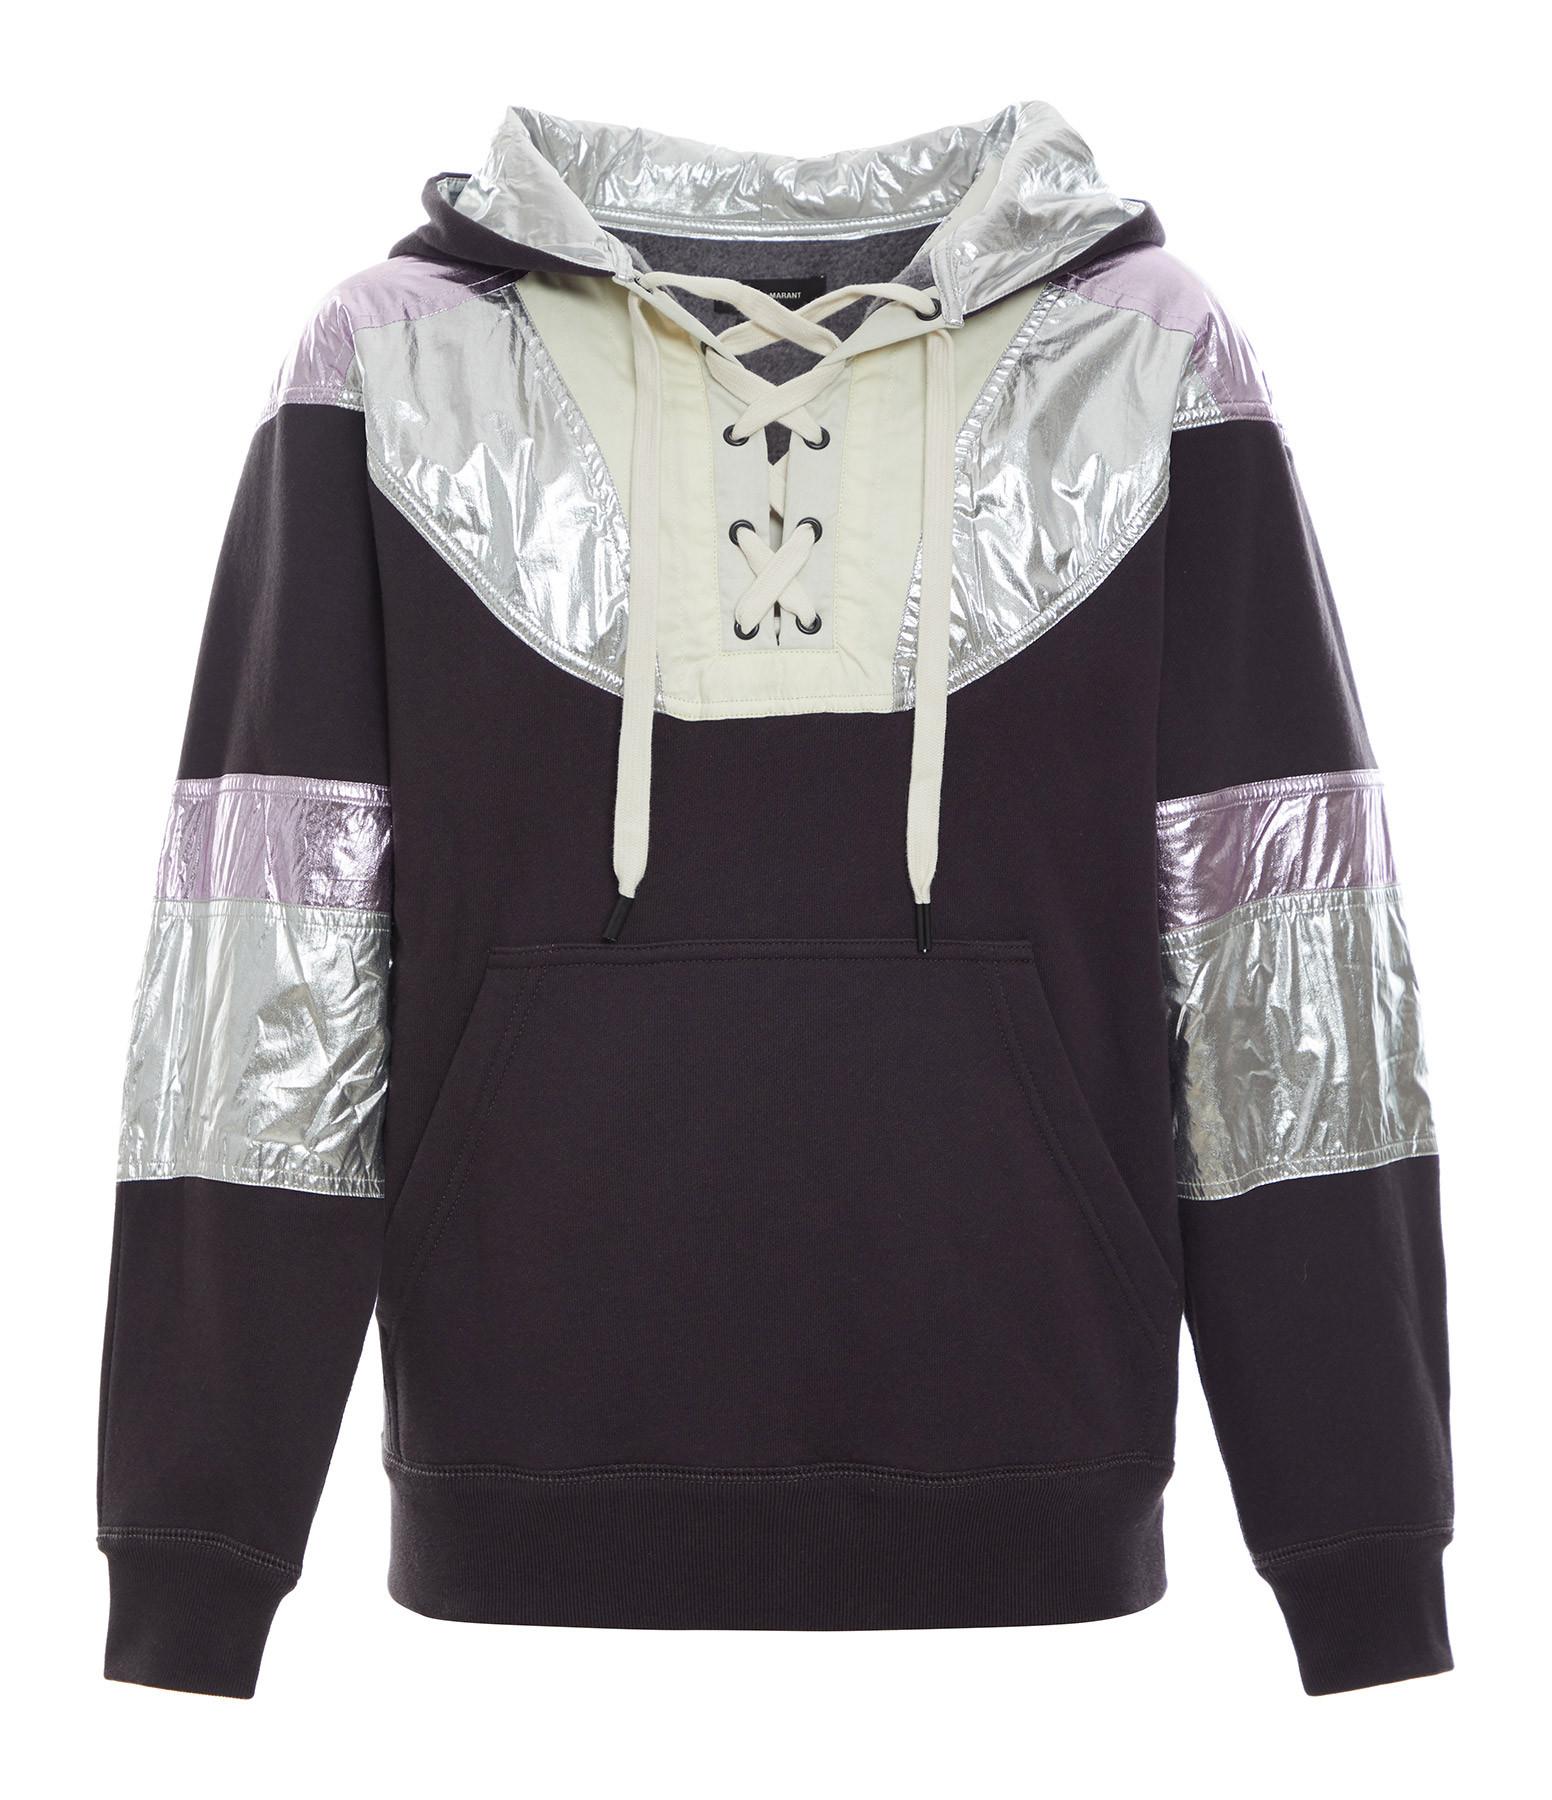 ISABEL MARANT - Sweatshirt Minelia Coton Noir Délavé